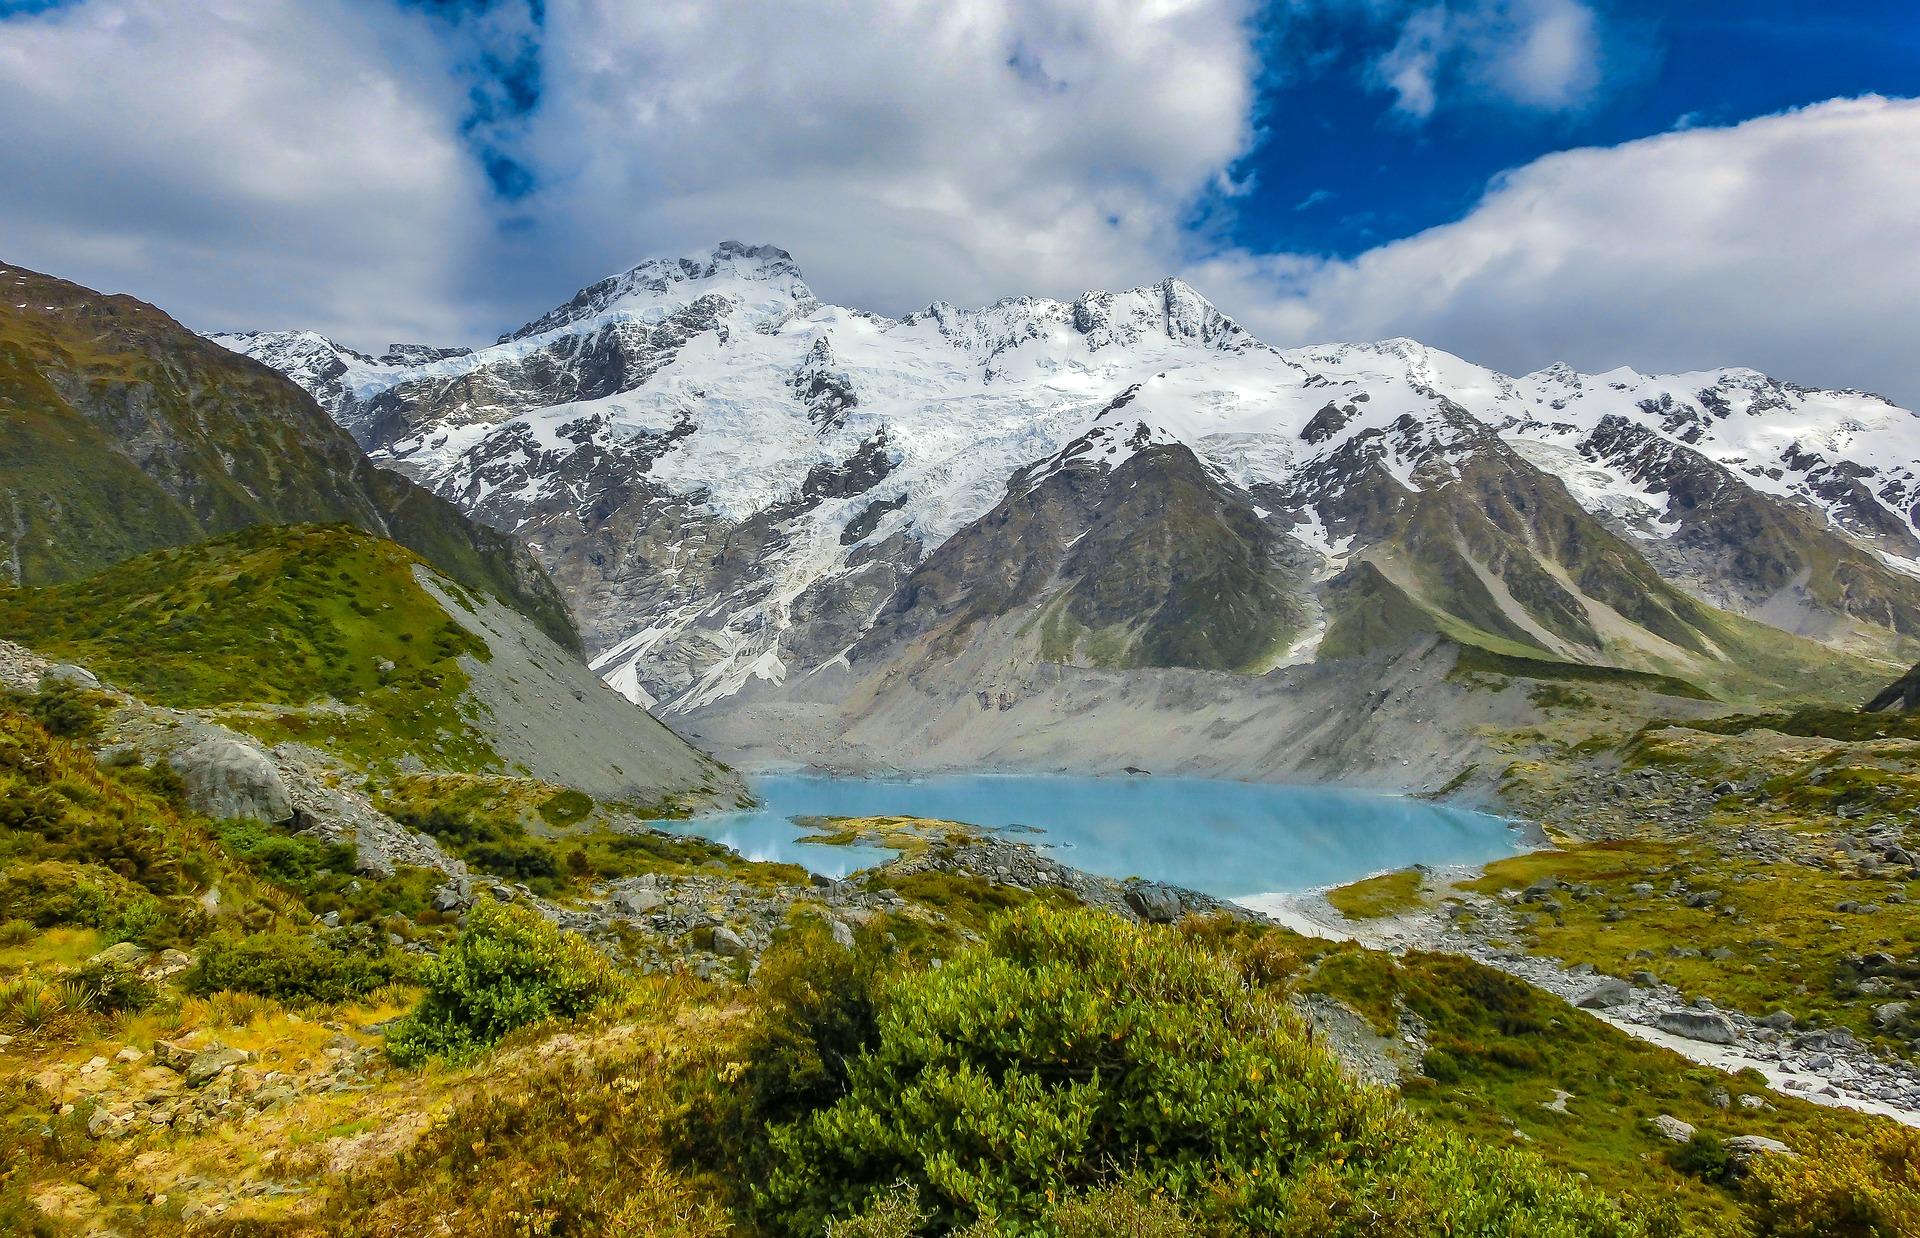 Outdoor-Fotografie: Mit diesen 10 Tipps gelingen dir auch als Einsteiger fantastische Landschaftsaufnahmen.